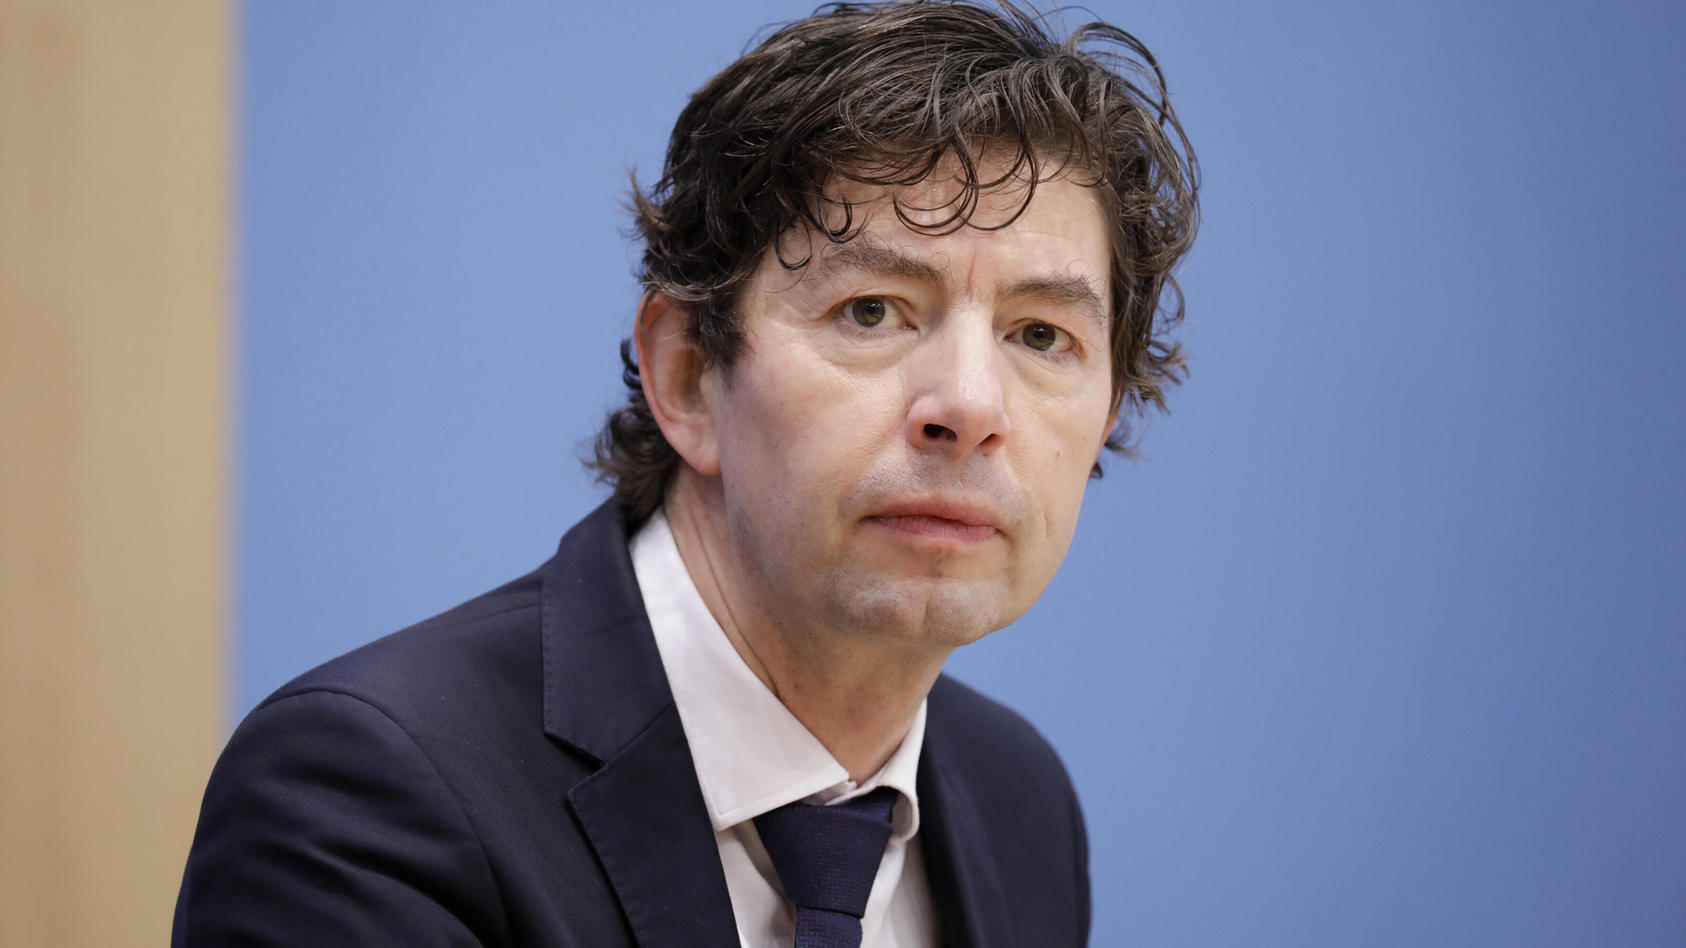 Der Berliner Virologe Christian Drosten blickt besorgt auf die steigenden Infektionszahlen.